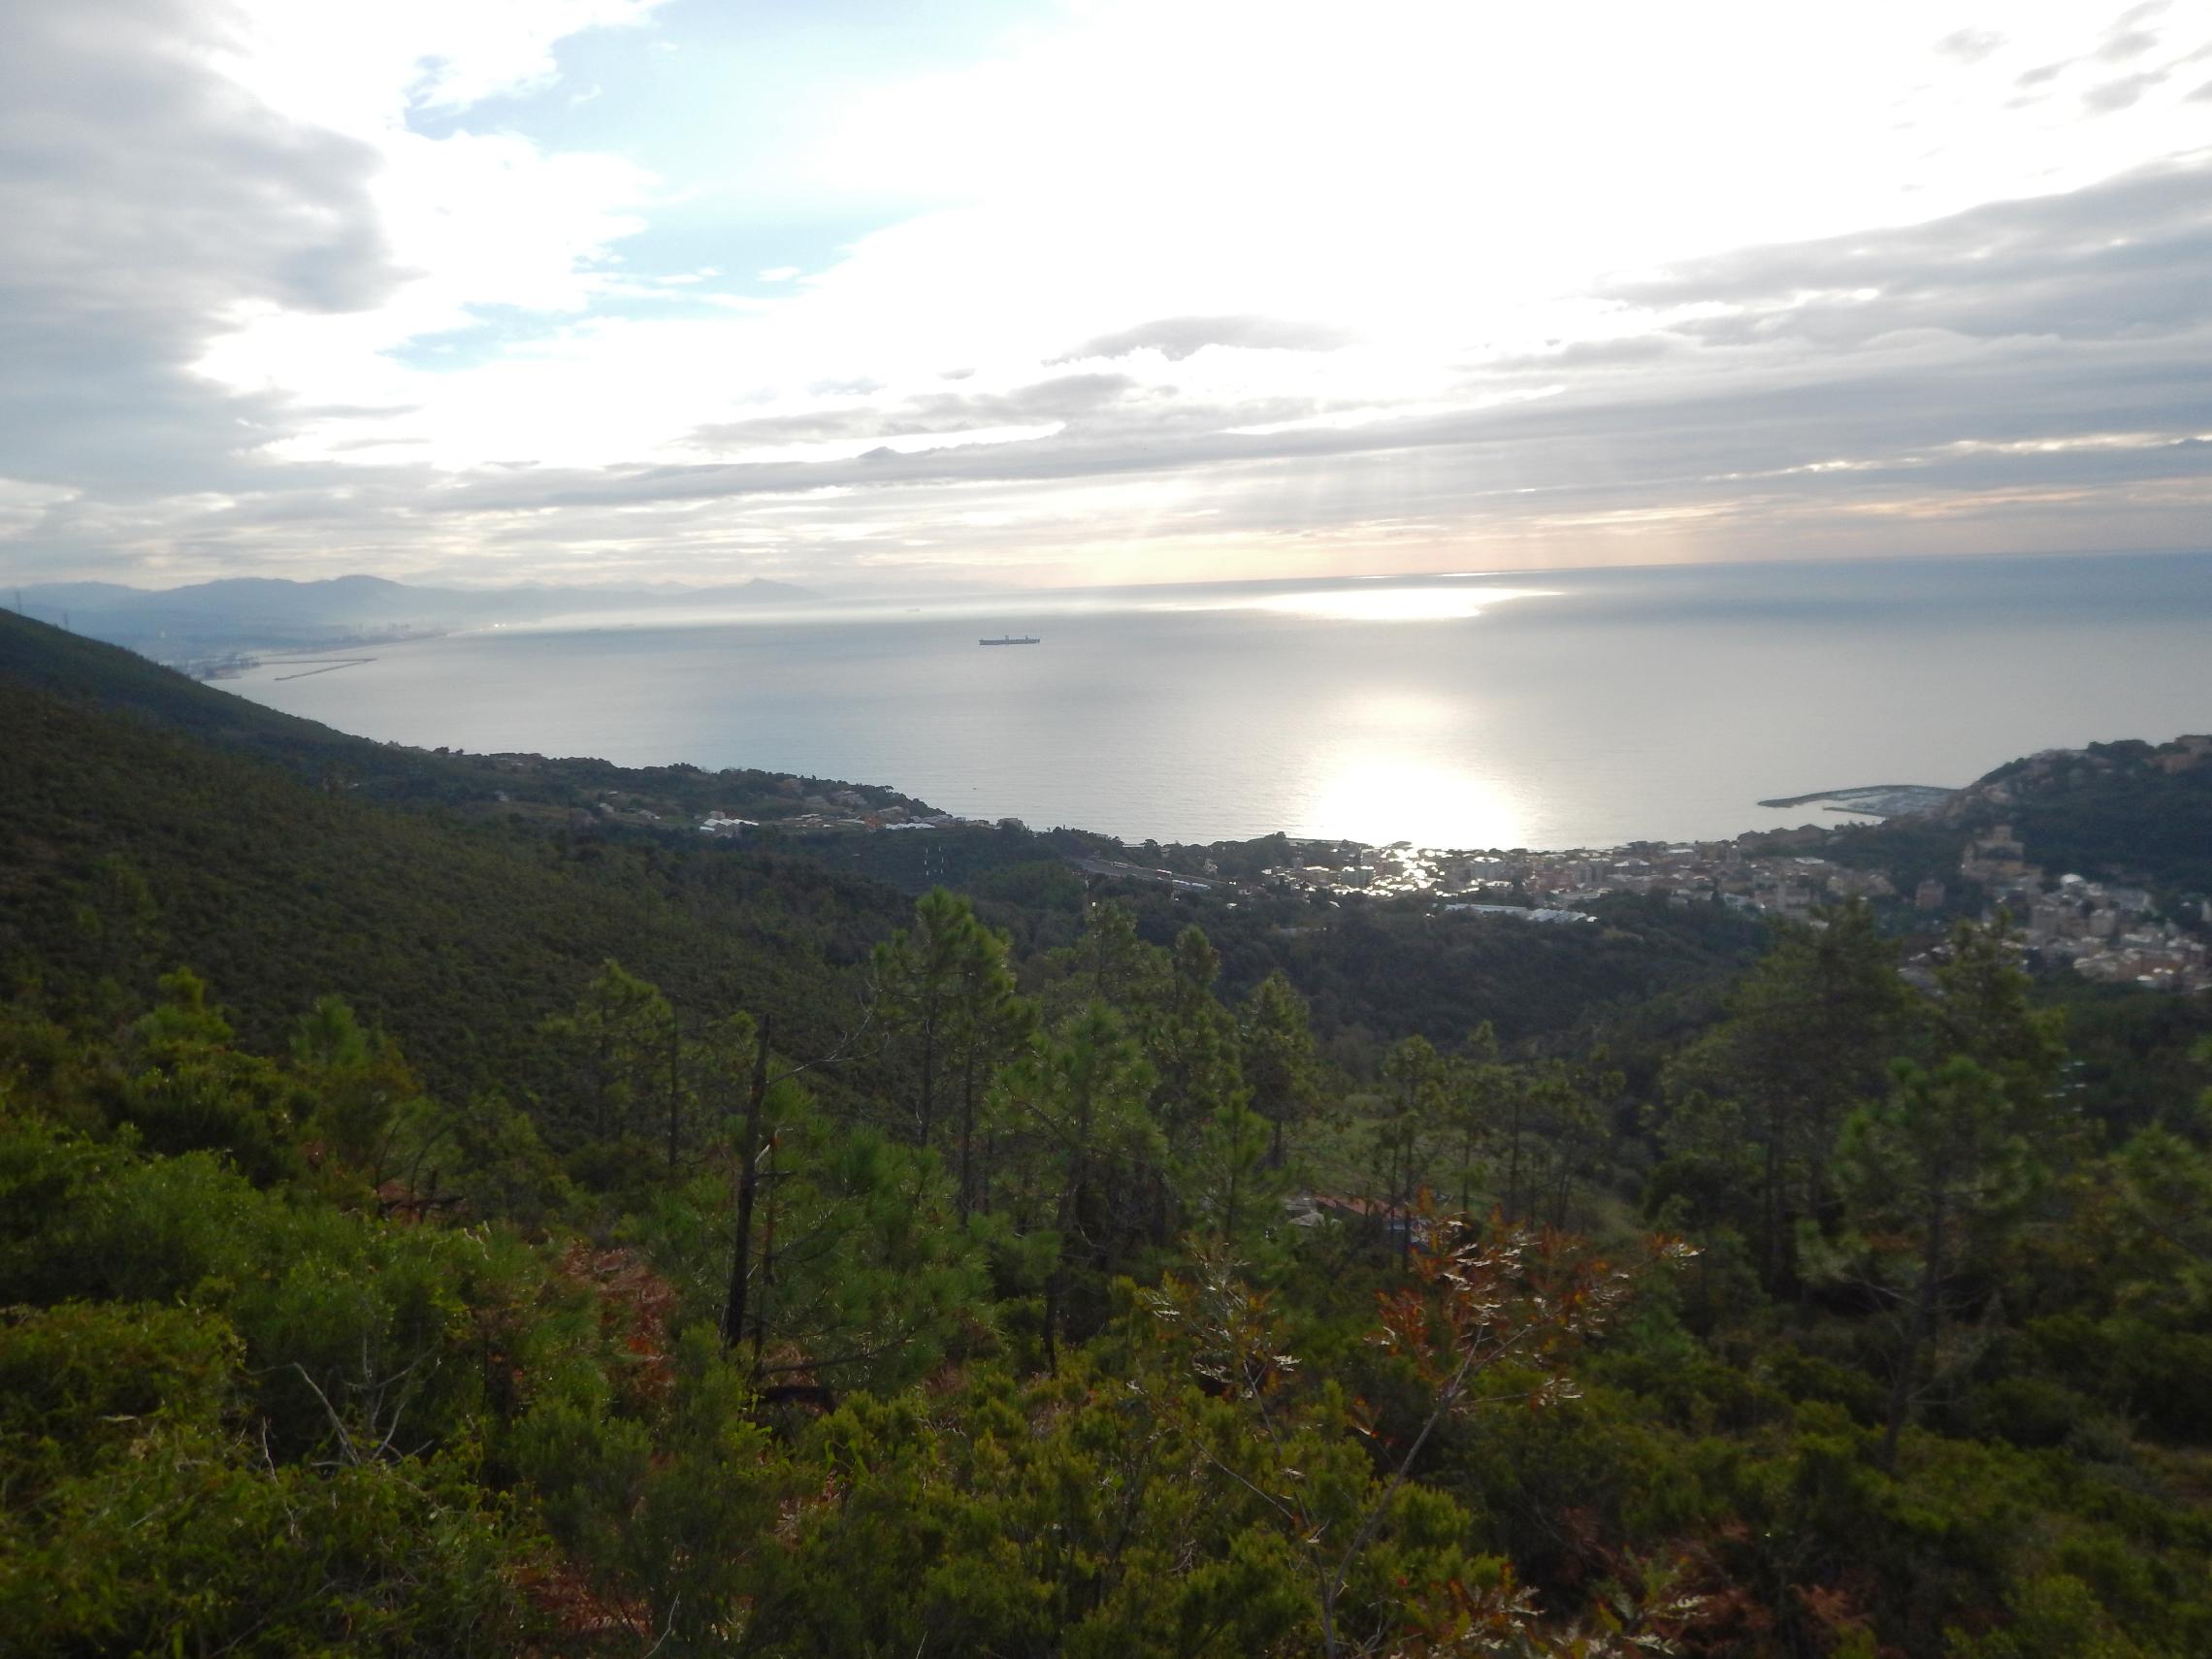 Parco naturale regionale del Beigua - Monte Reixa da Arenzano-1.jpg